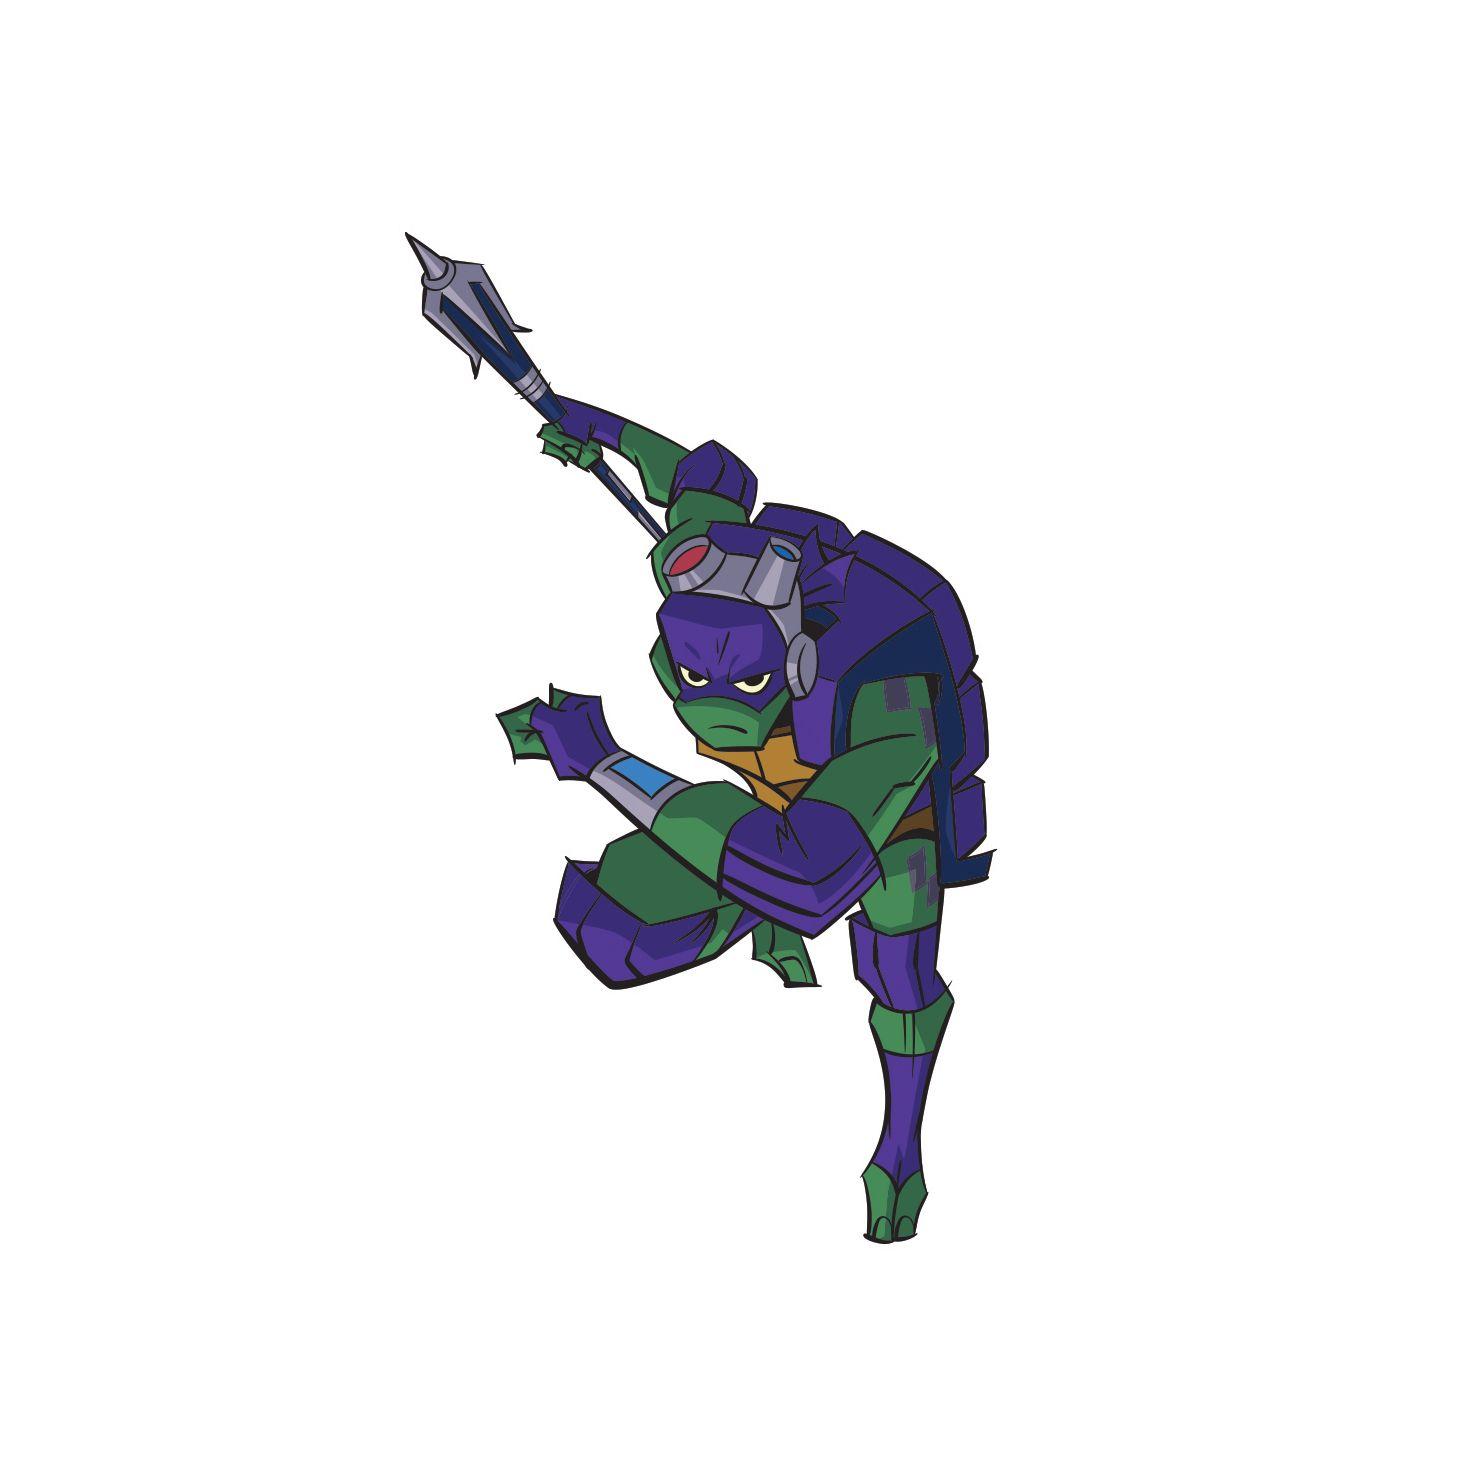 rise of the teenage mutant ninja turtles artwork revealed